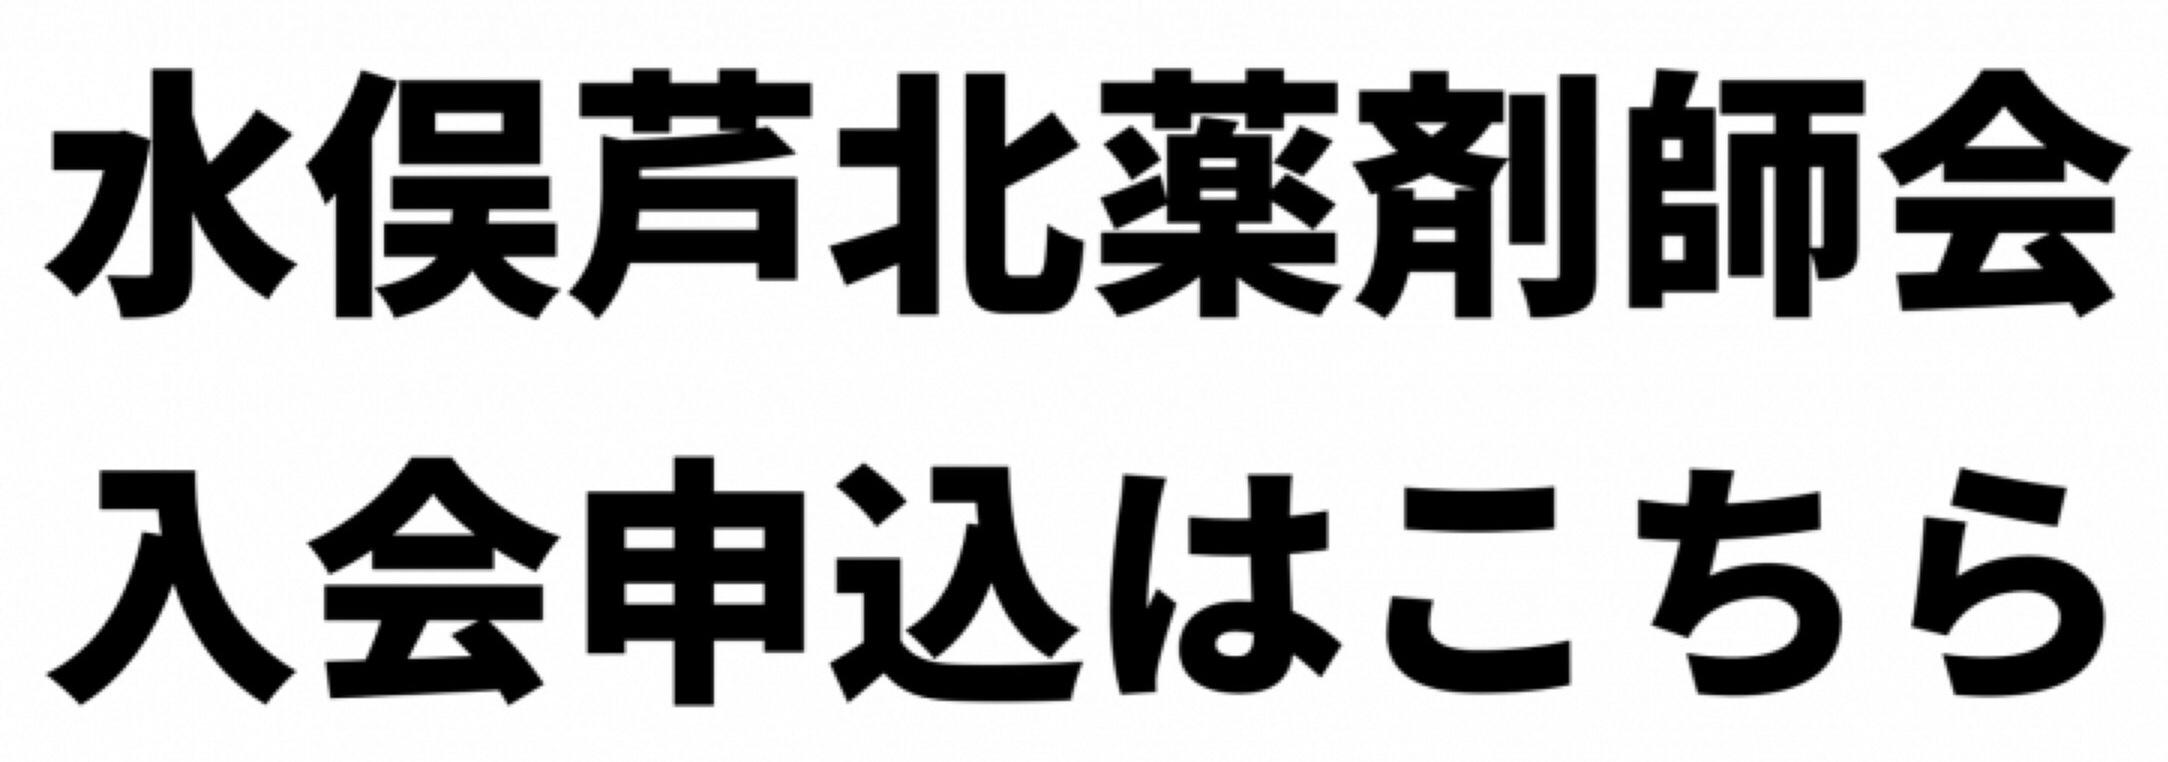 水俣芦北薬剤師会 入会申込書